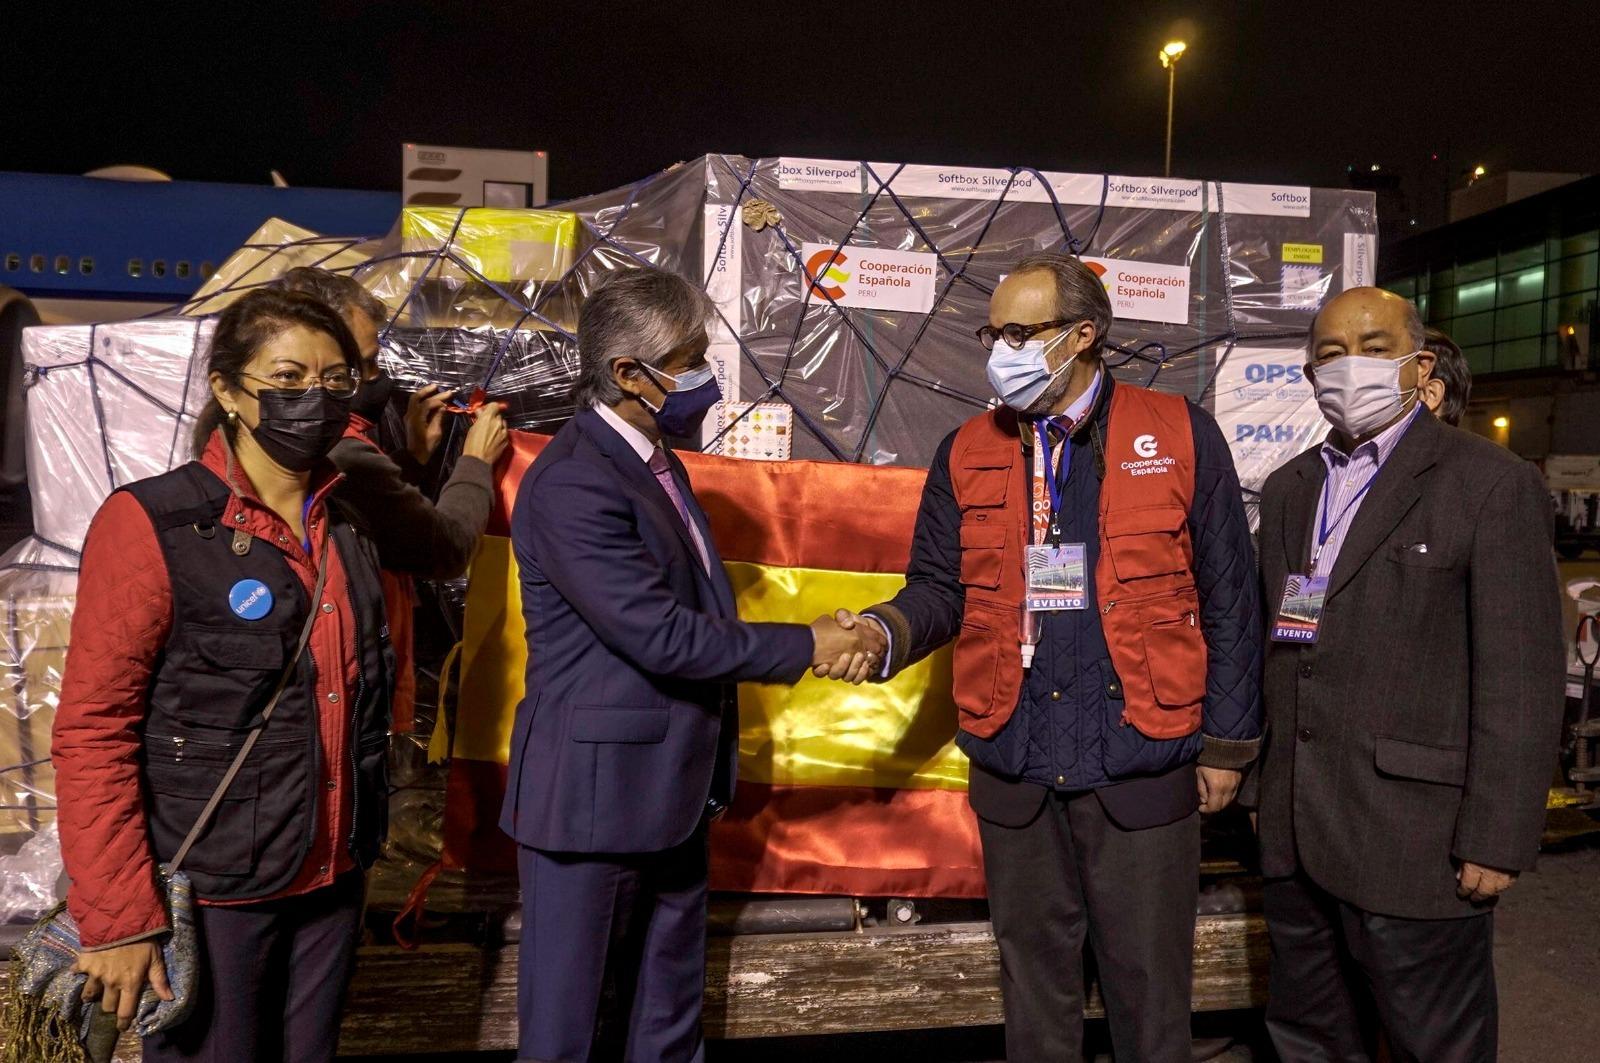 La Agencia Española de Cooperación Internacional para el Desarrollo entrega más de 100.000 dosis de vacuna AstraZeneca a las autoridades de Perú.